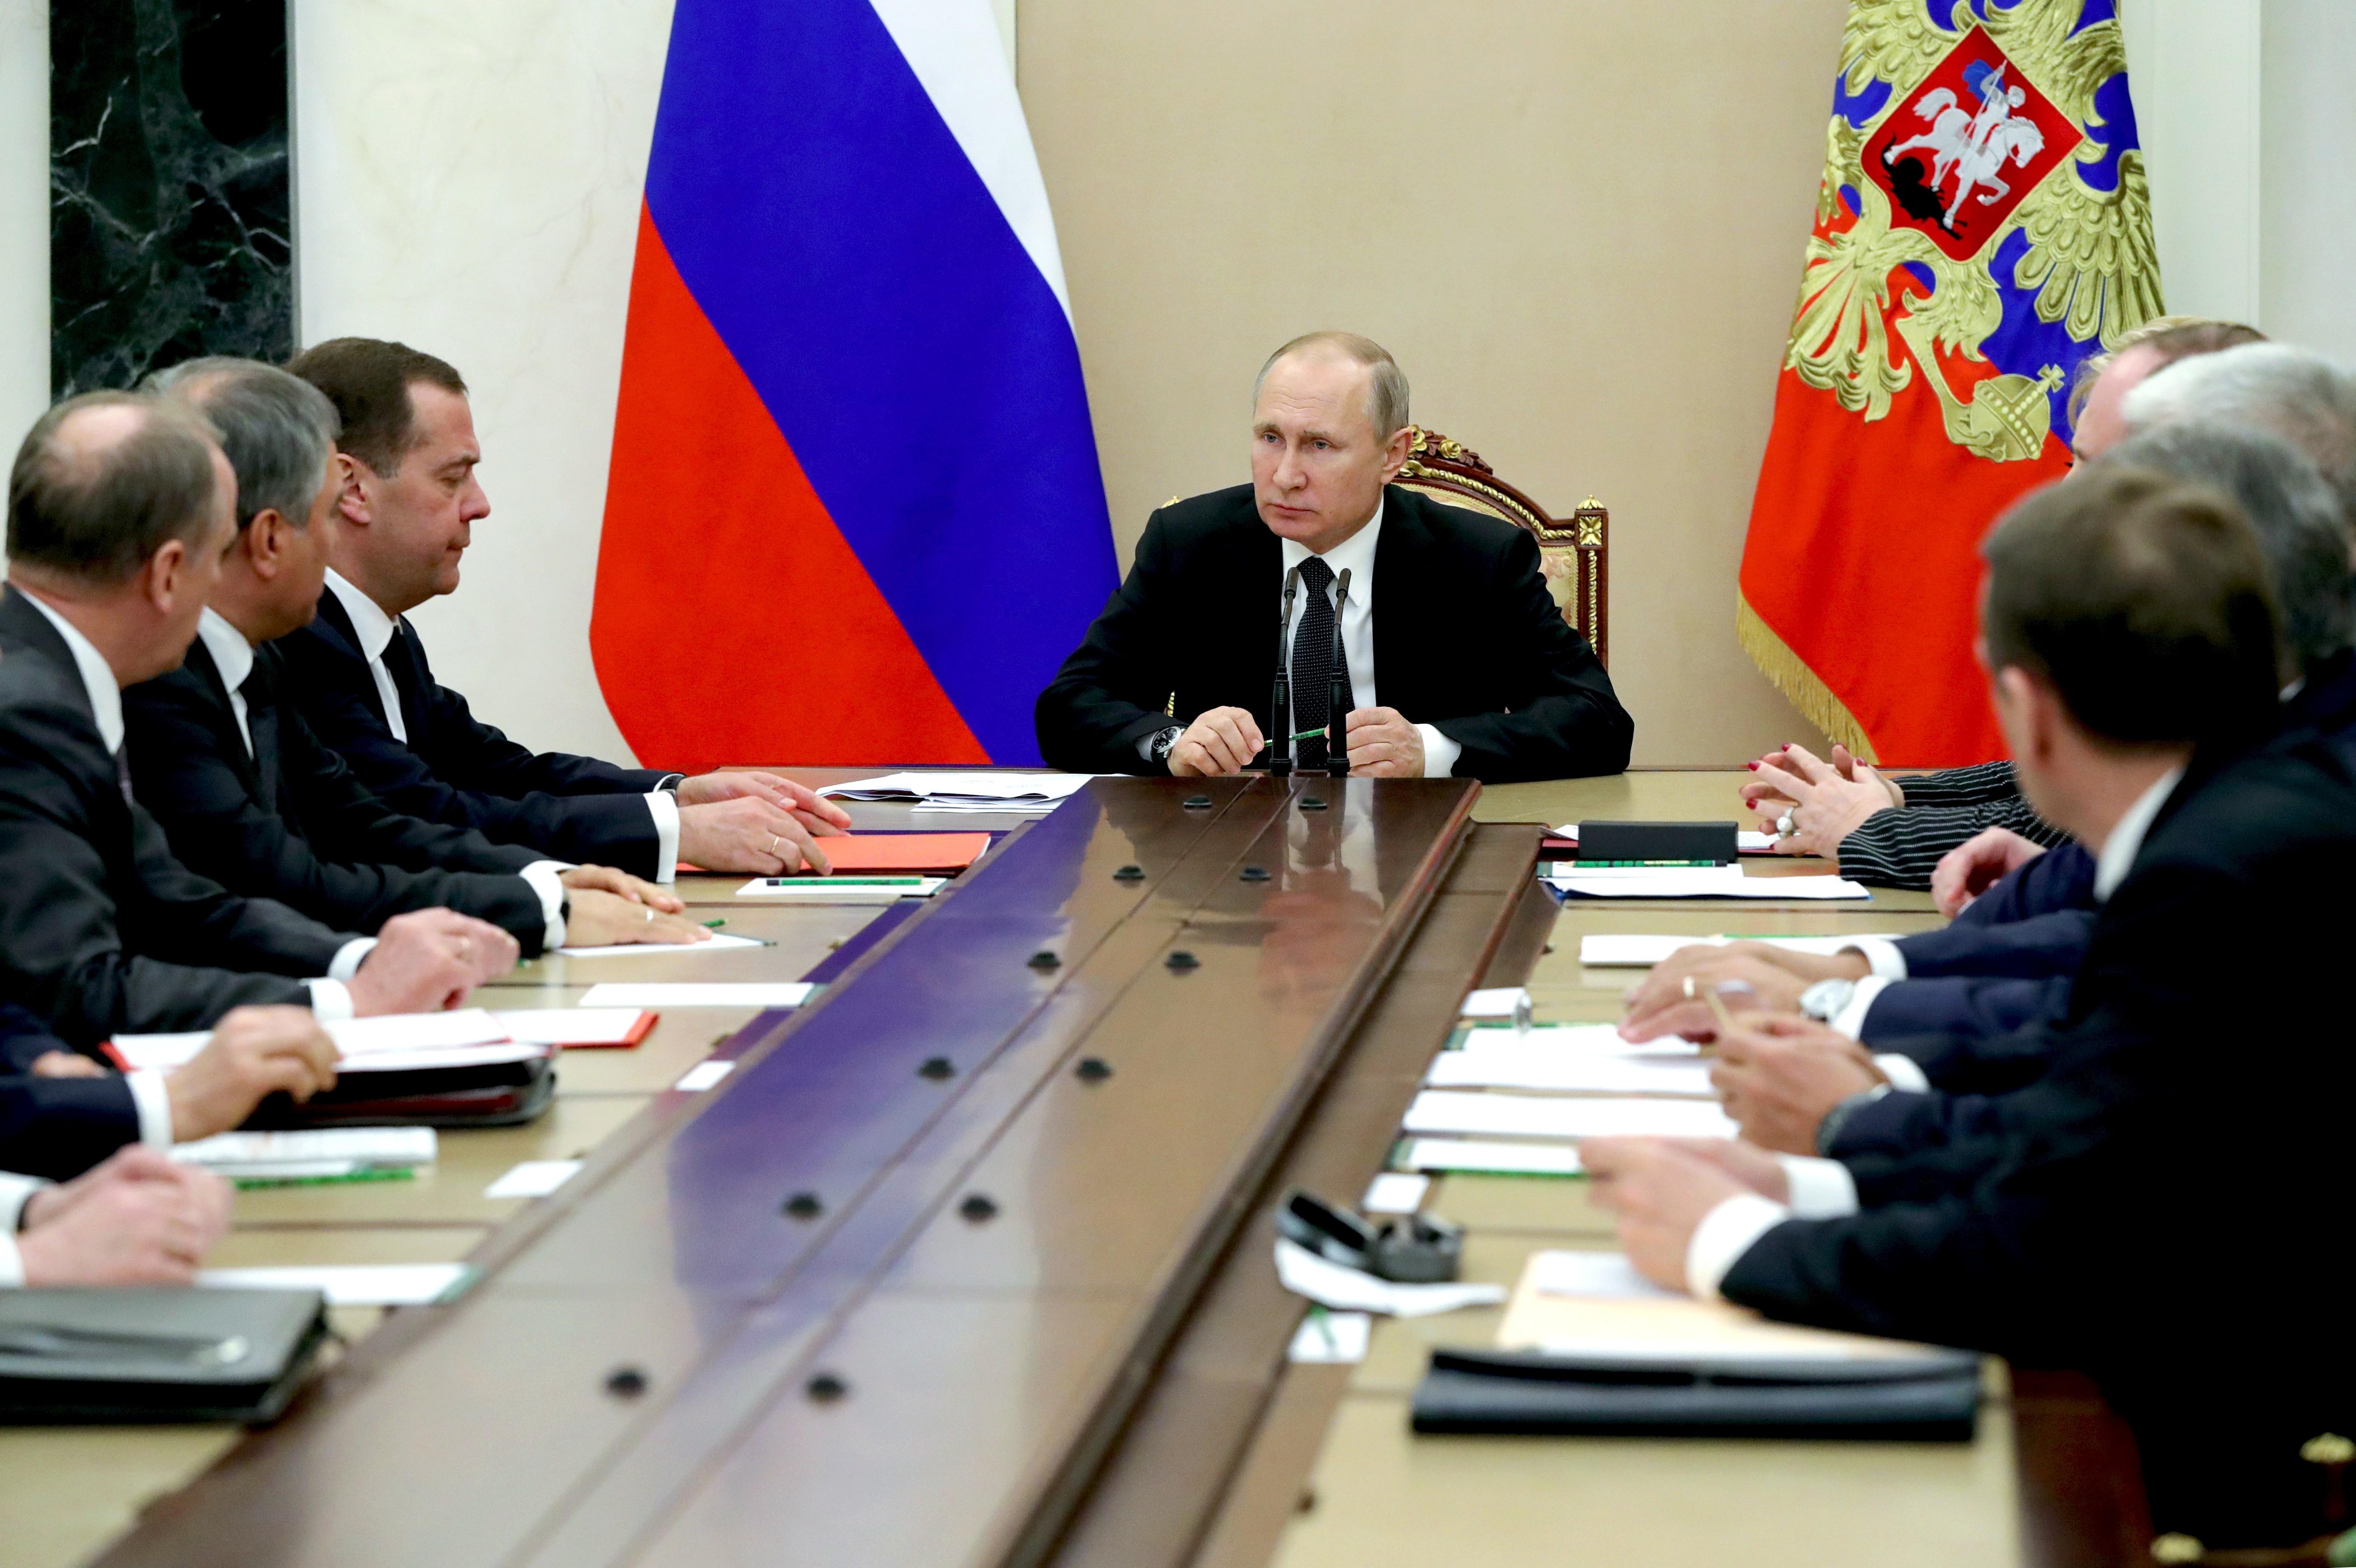 <p>Фото: &copy;РИА Новости/Михаил Климентьев</p>